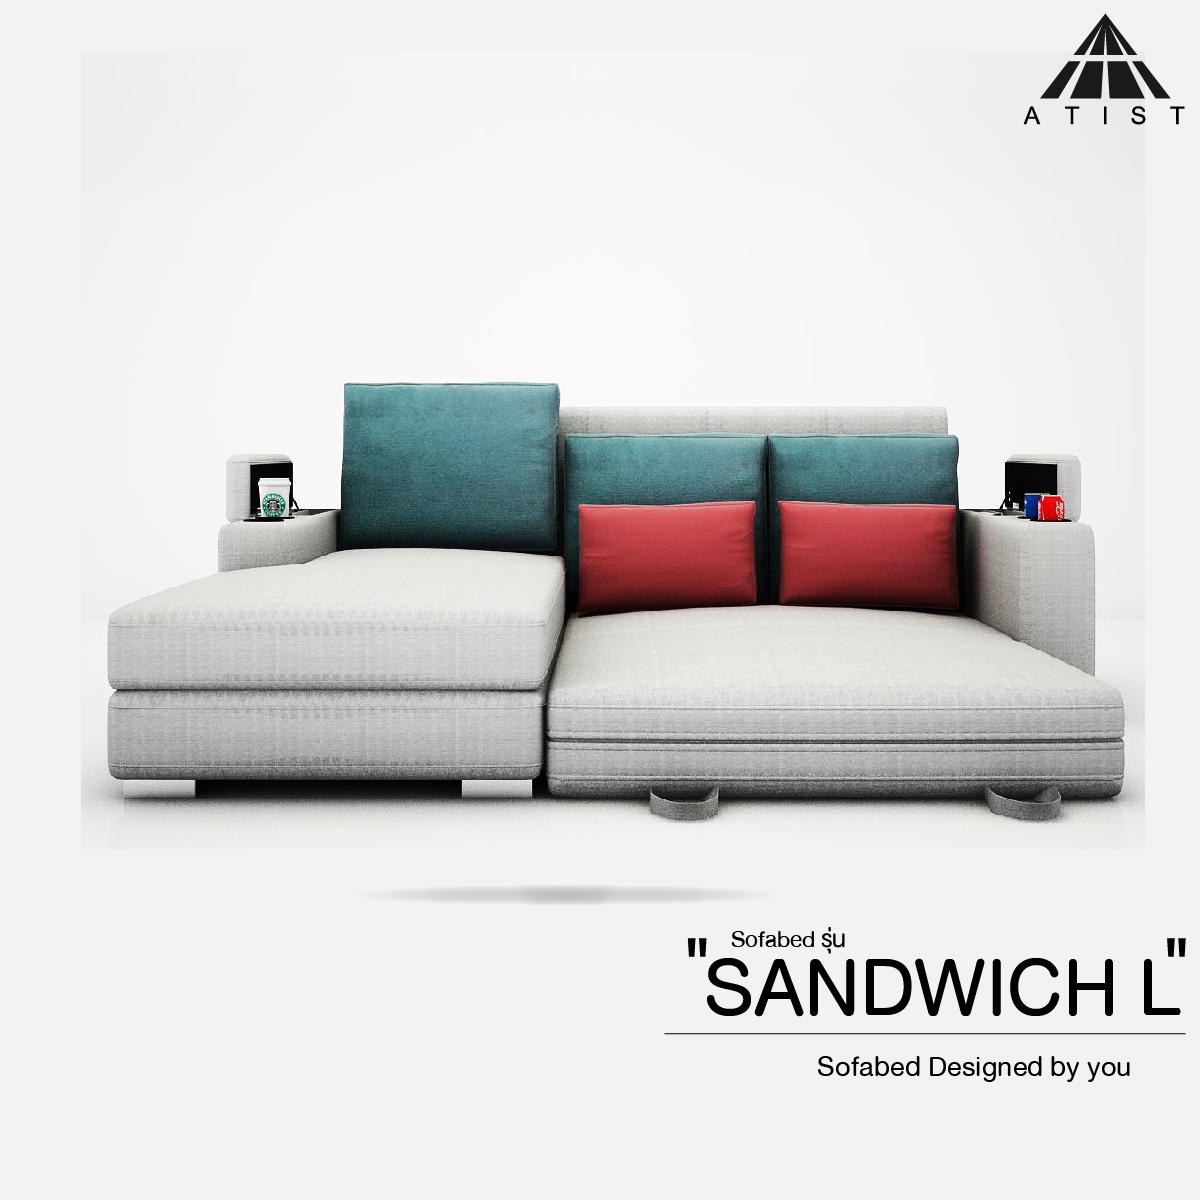 โซฟาเบด รุ่น SANDWICH L